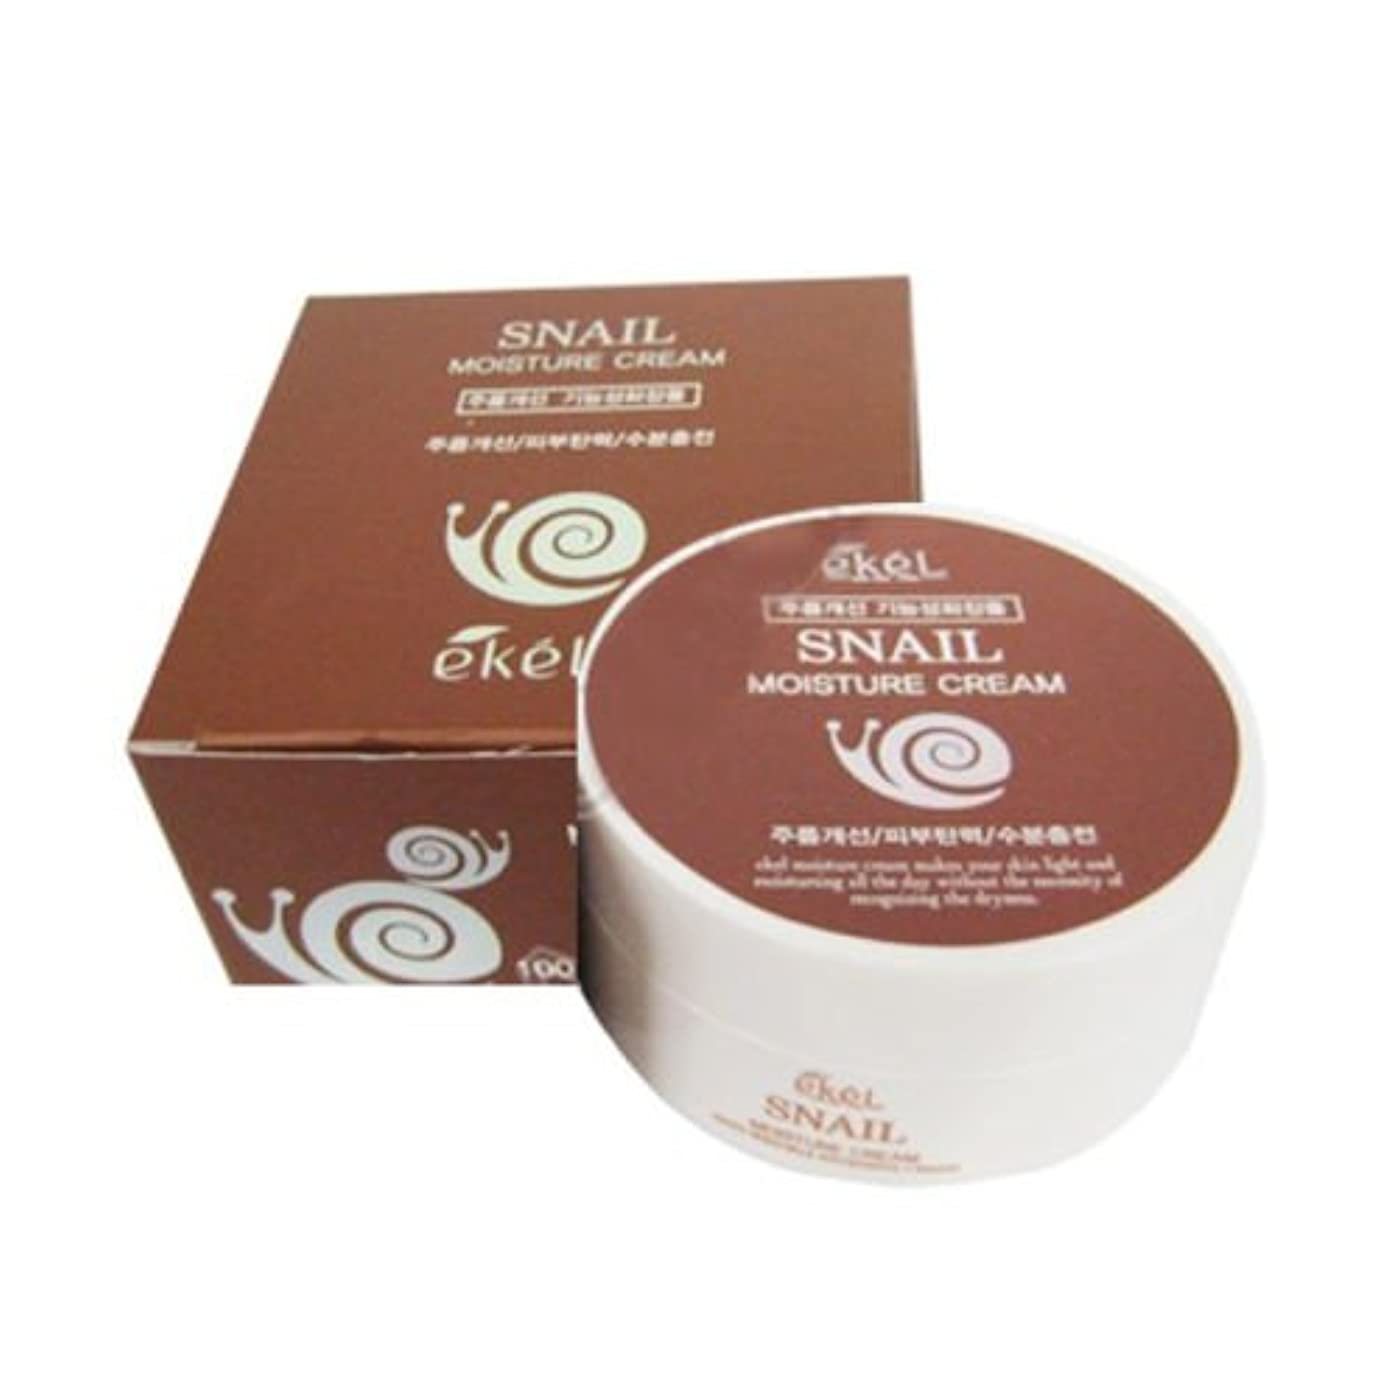 版トレーニング差し引くイケル[韓国コスメEkel]Snail Moisture Cream カタツムリモイスチャークリーム100g [並行輸入品]